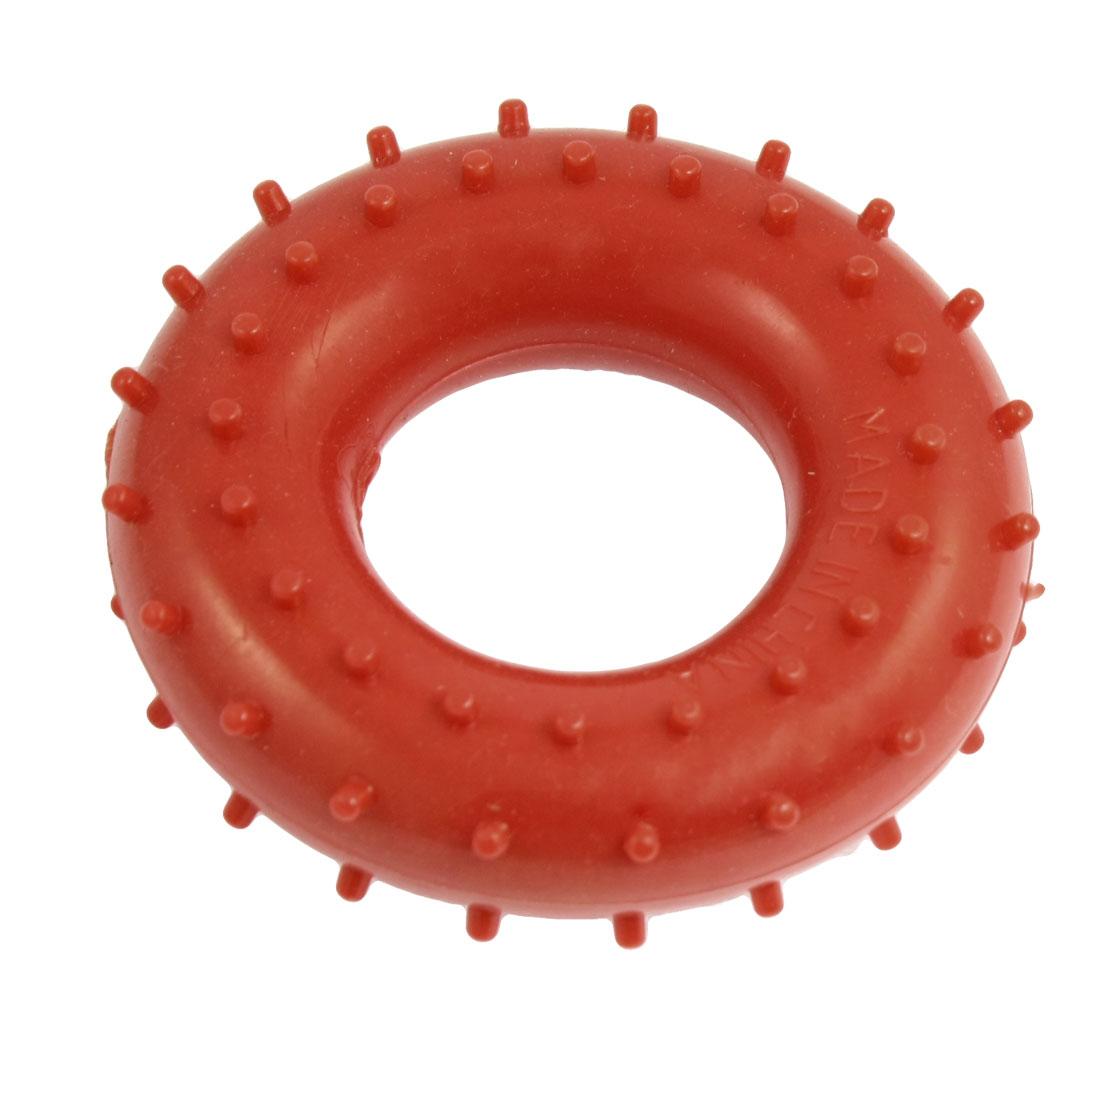 Round Nonslip Rubber Stress Relief Massage Hand Gripper Ring Red